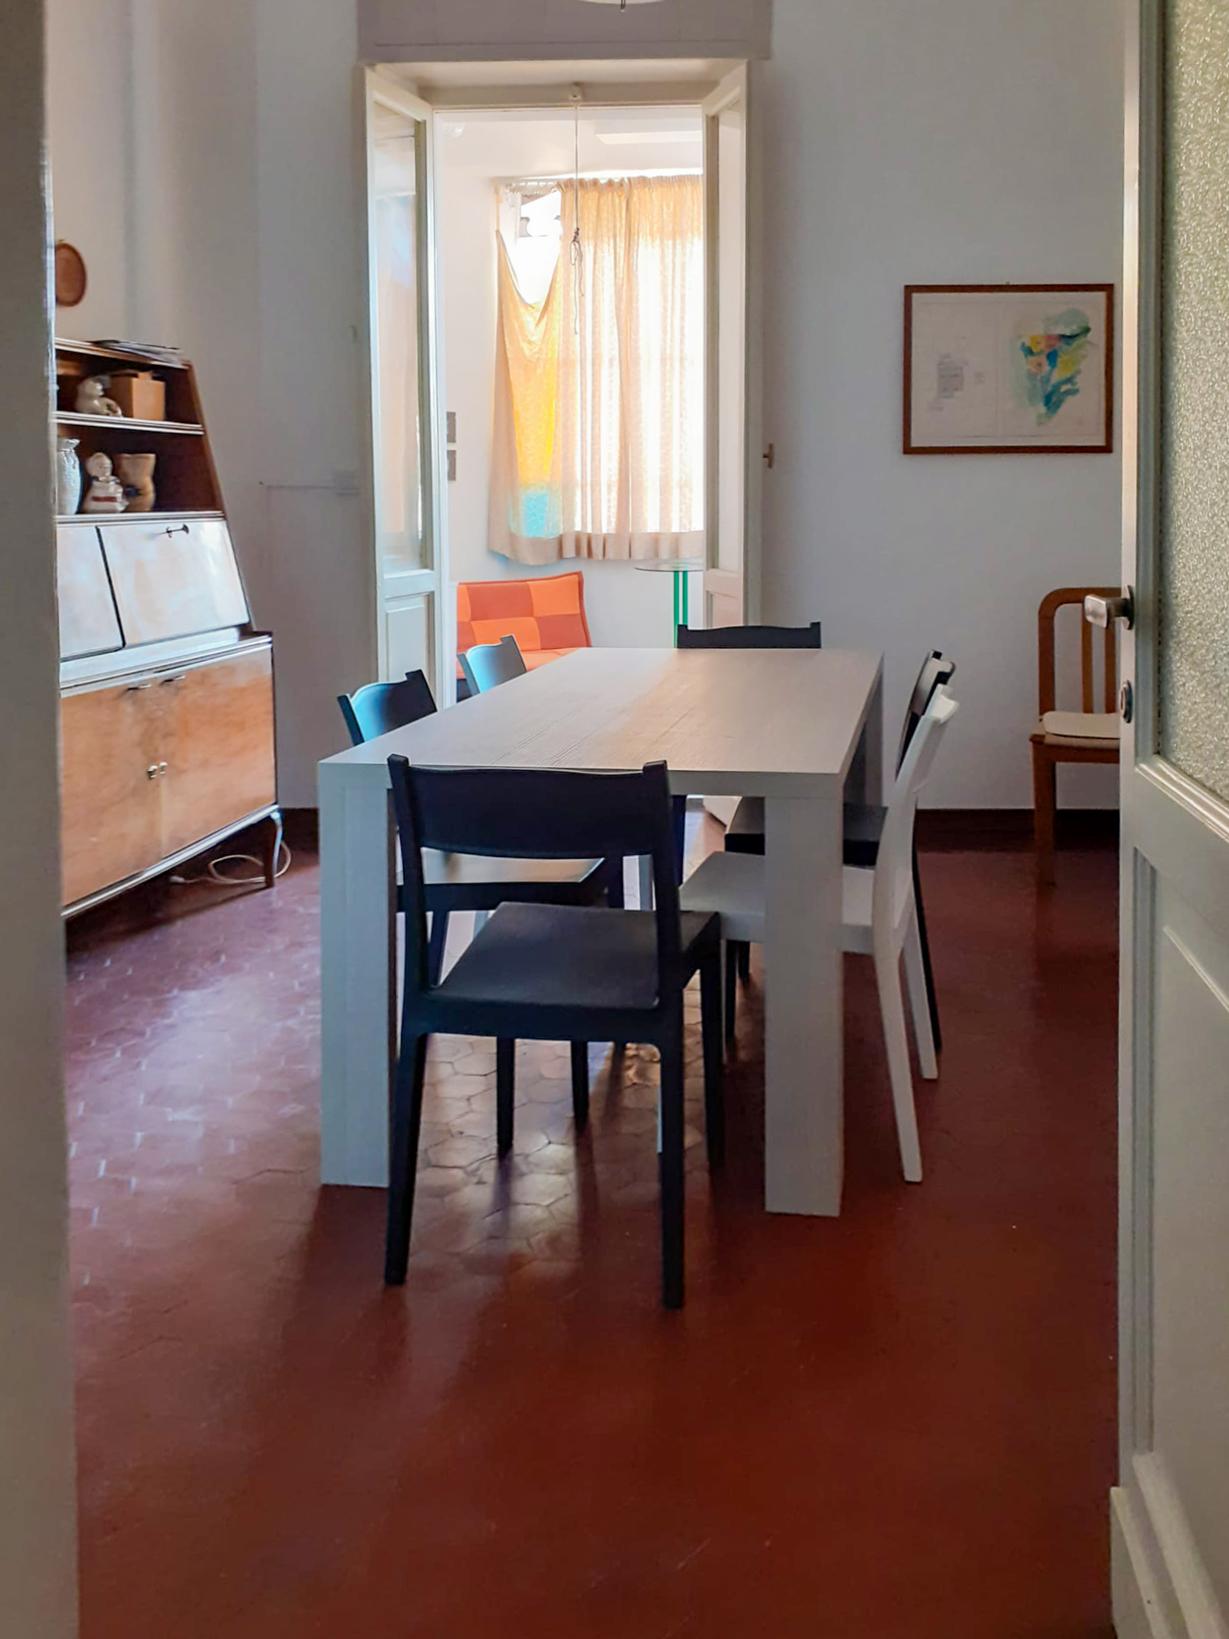 Appartamento ristrutturato – Zona corso Cavour, Macerata